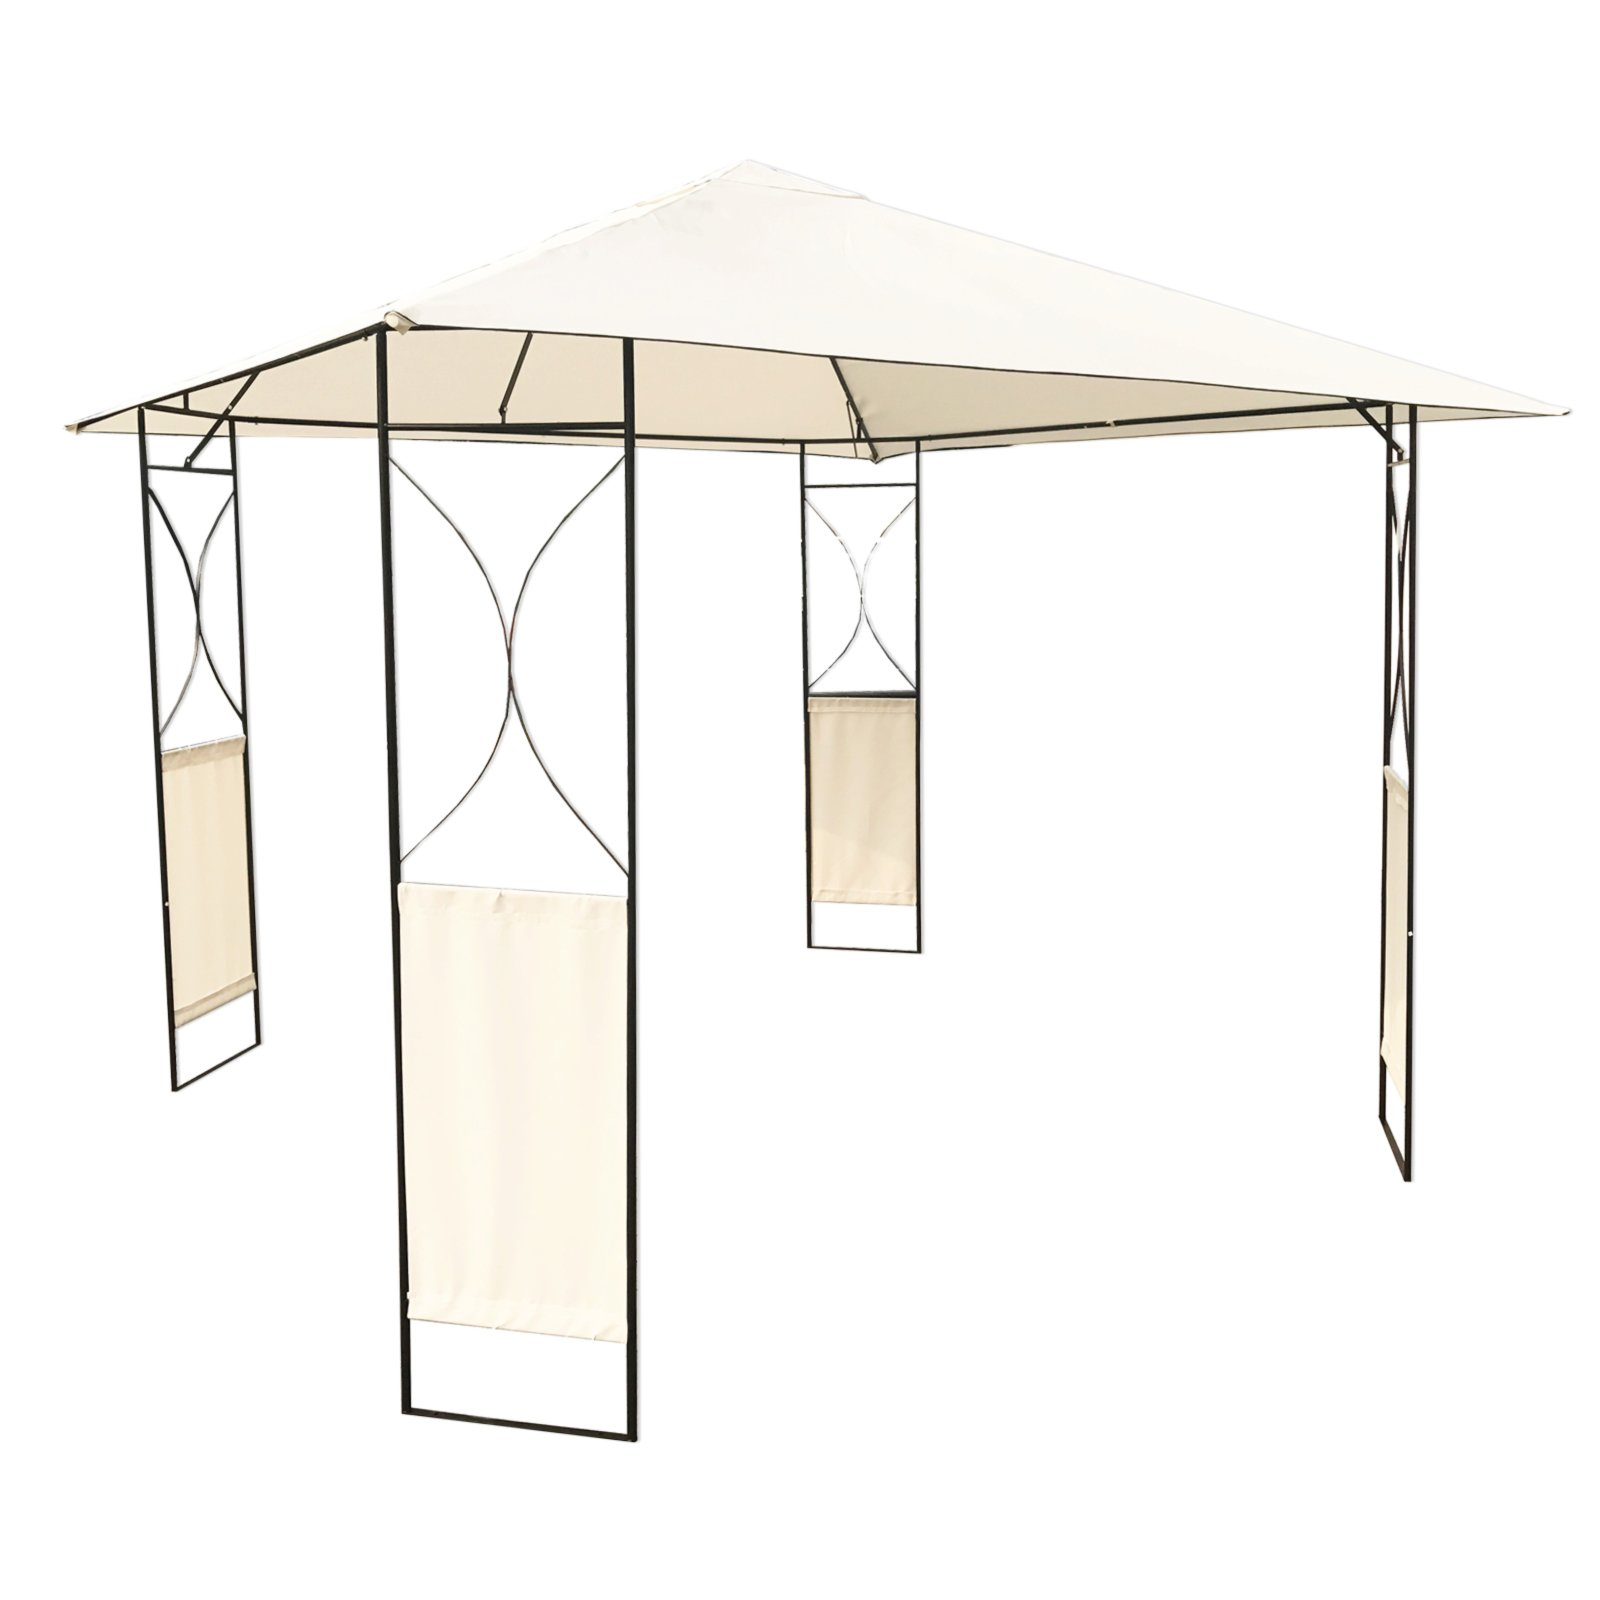 pavillon metall 3x3 meter pavillons sonnen sichtschutz garten roller m belhaus. Black Bedroom Furniture Sets. Home Design Ideas